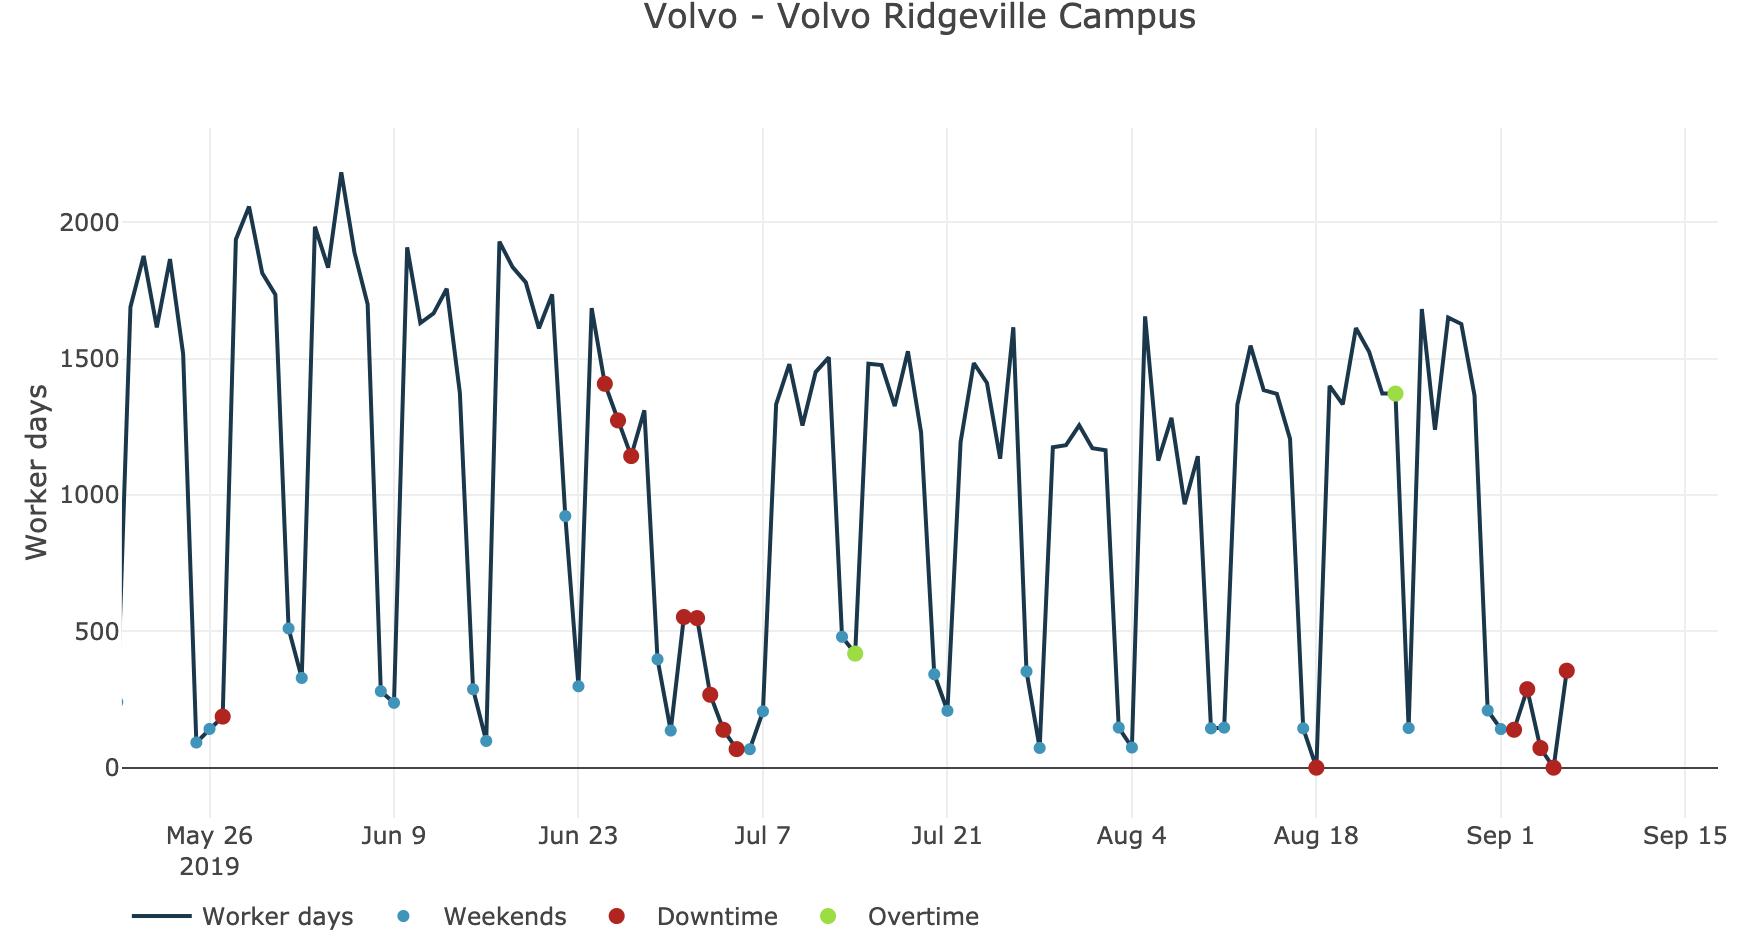 Workforce trends at Volvo Ridgeville Campus